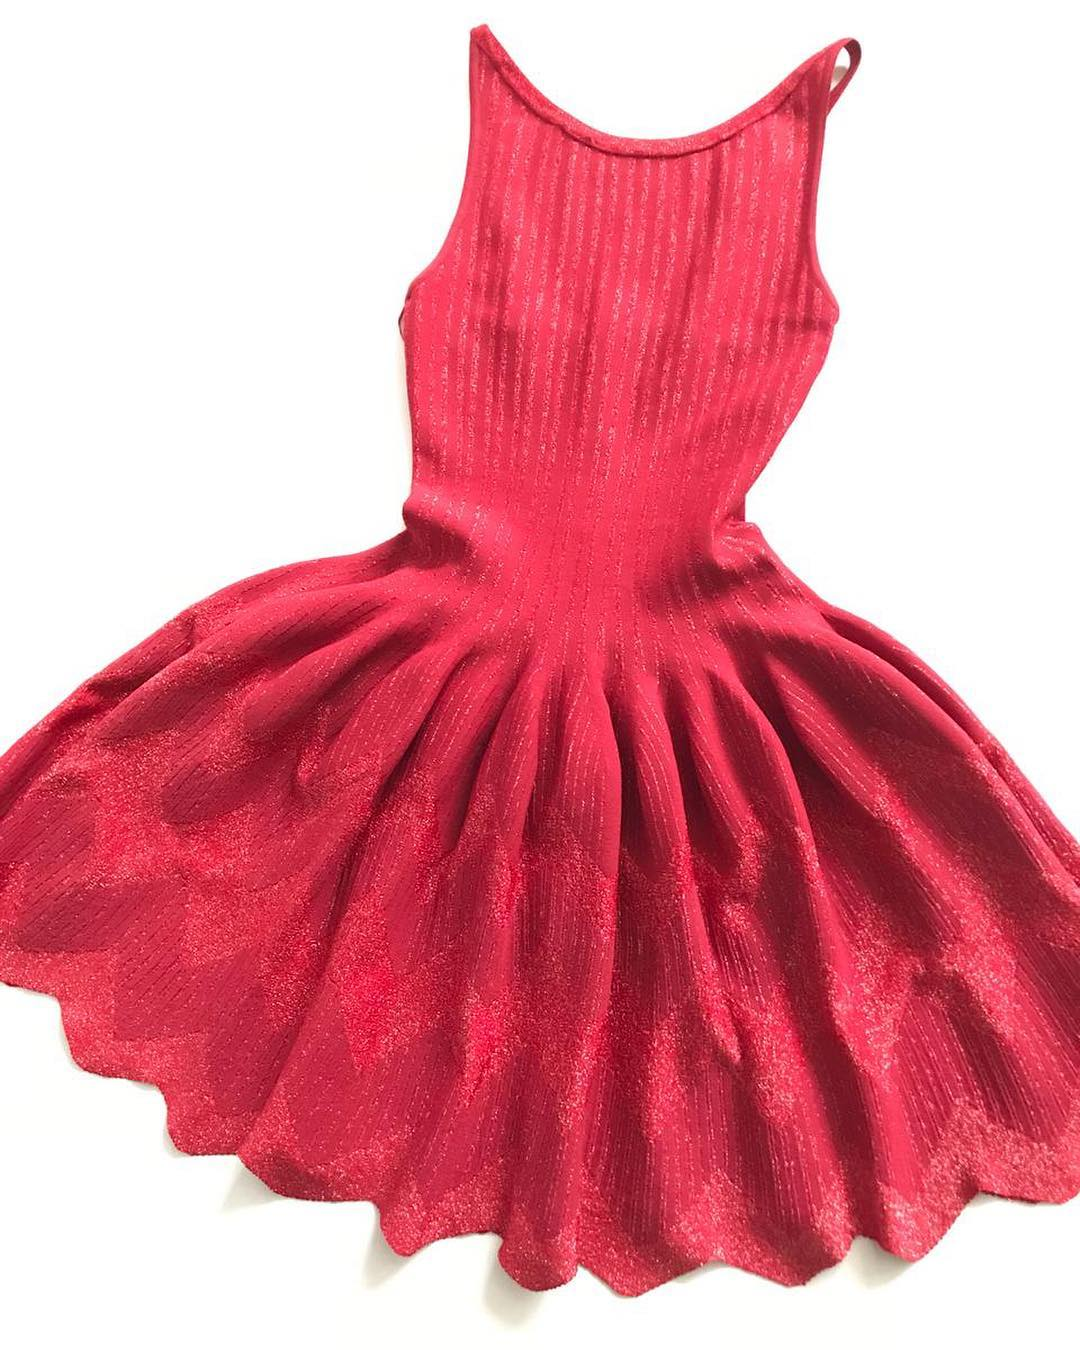 2230e167fbf Купить платье Alaïa за 28640 руб. в интернет магазине - бутике с ...